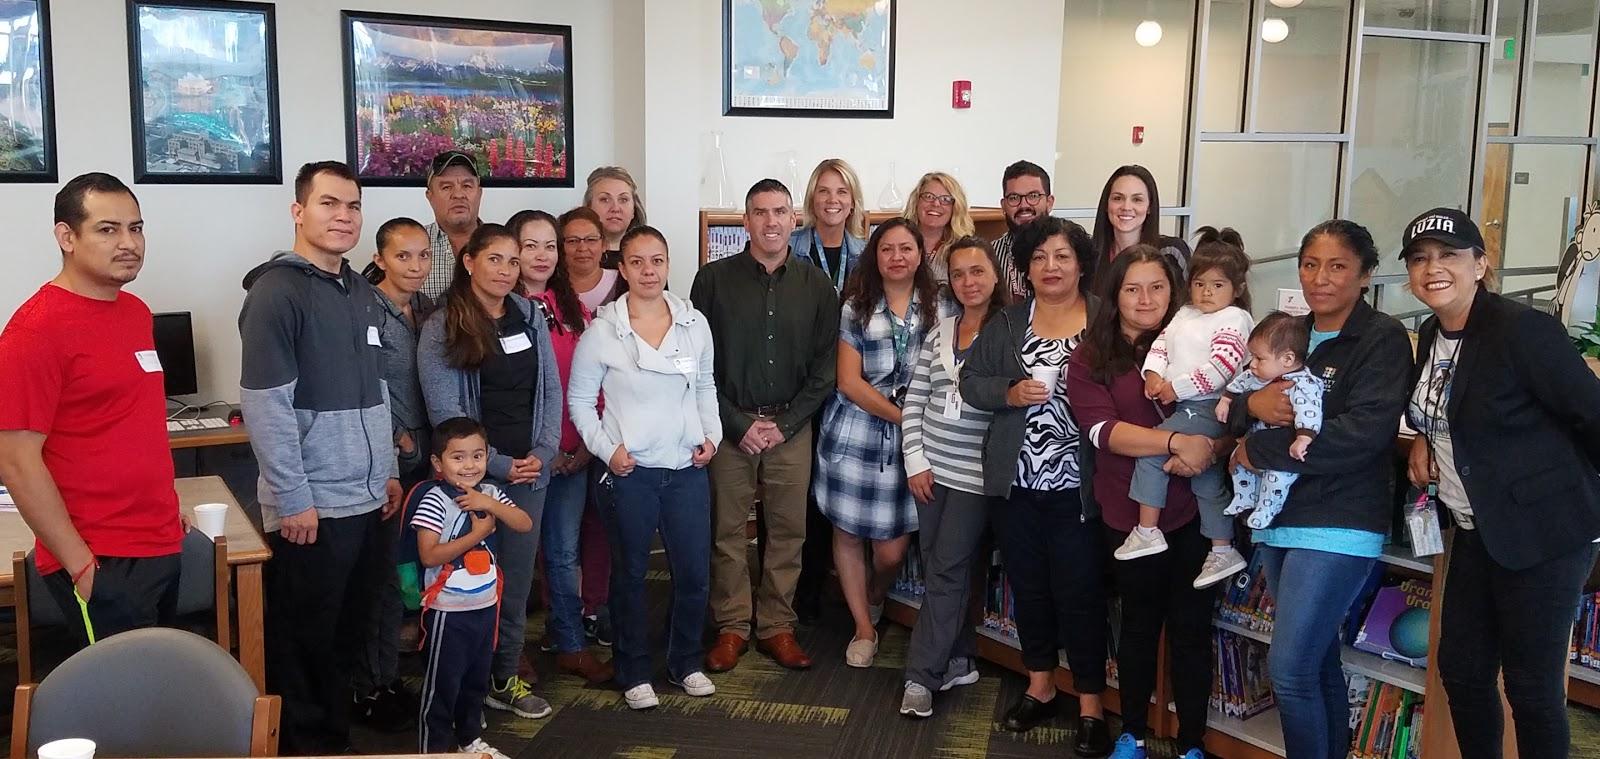 Cafecito families